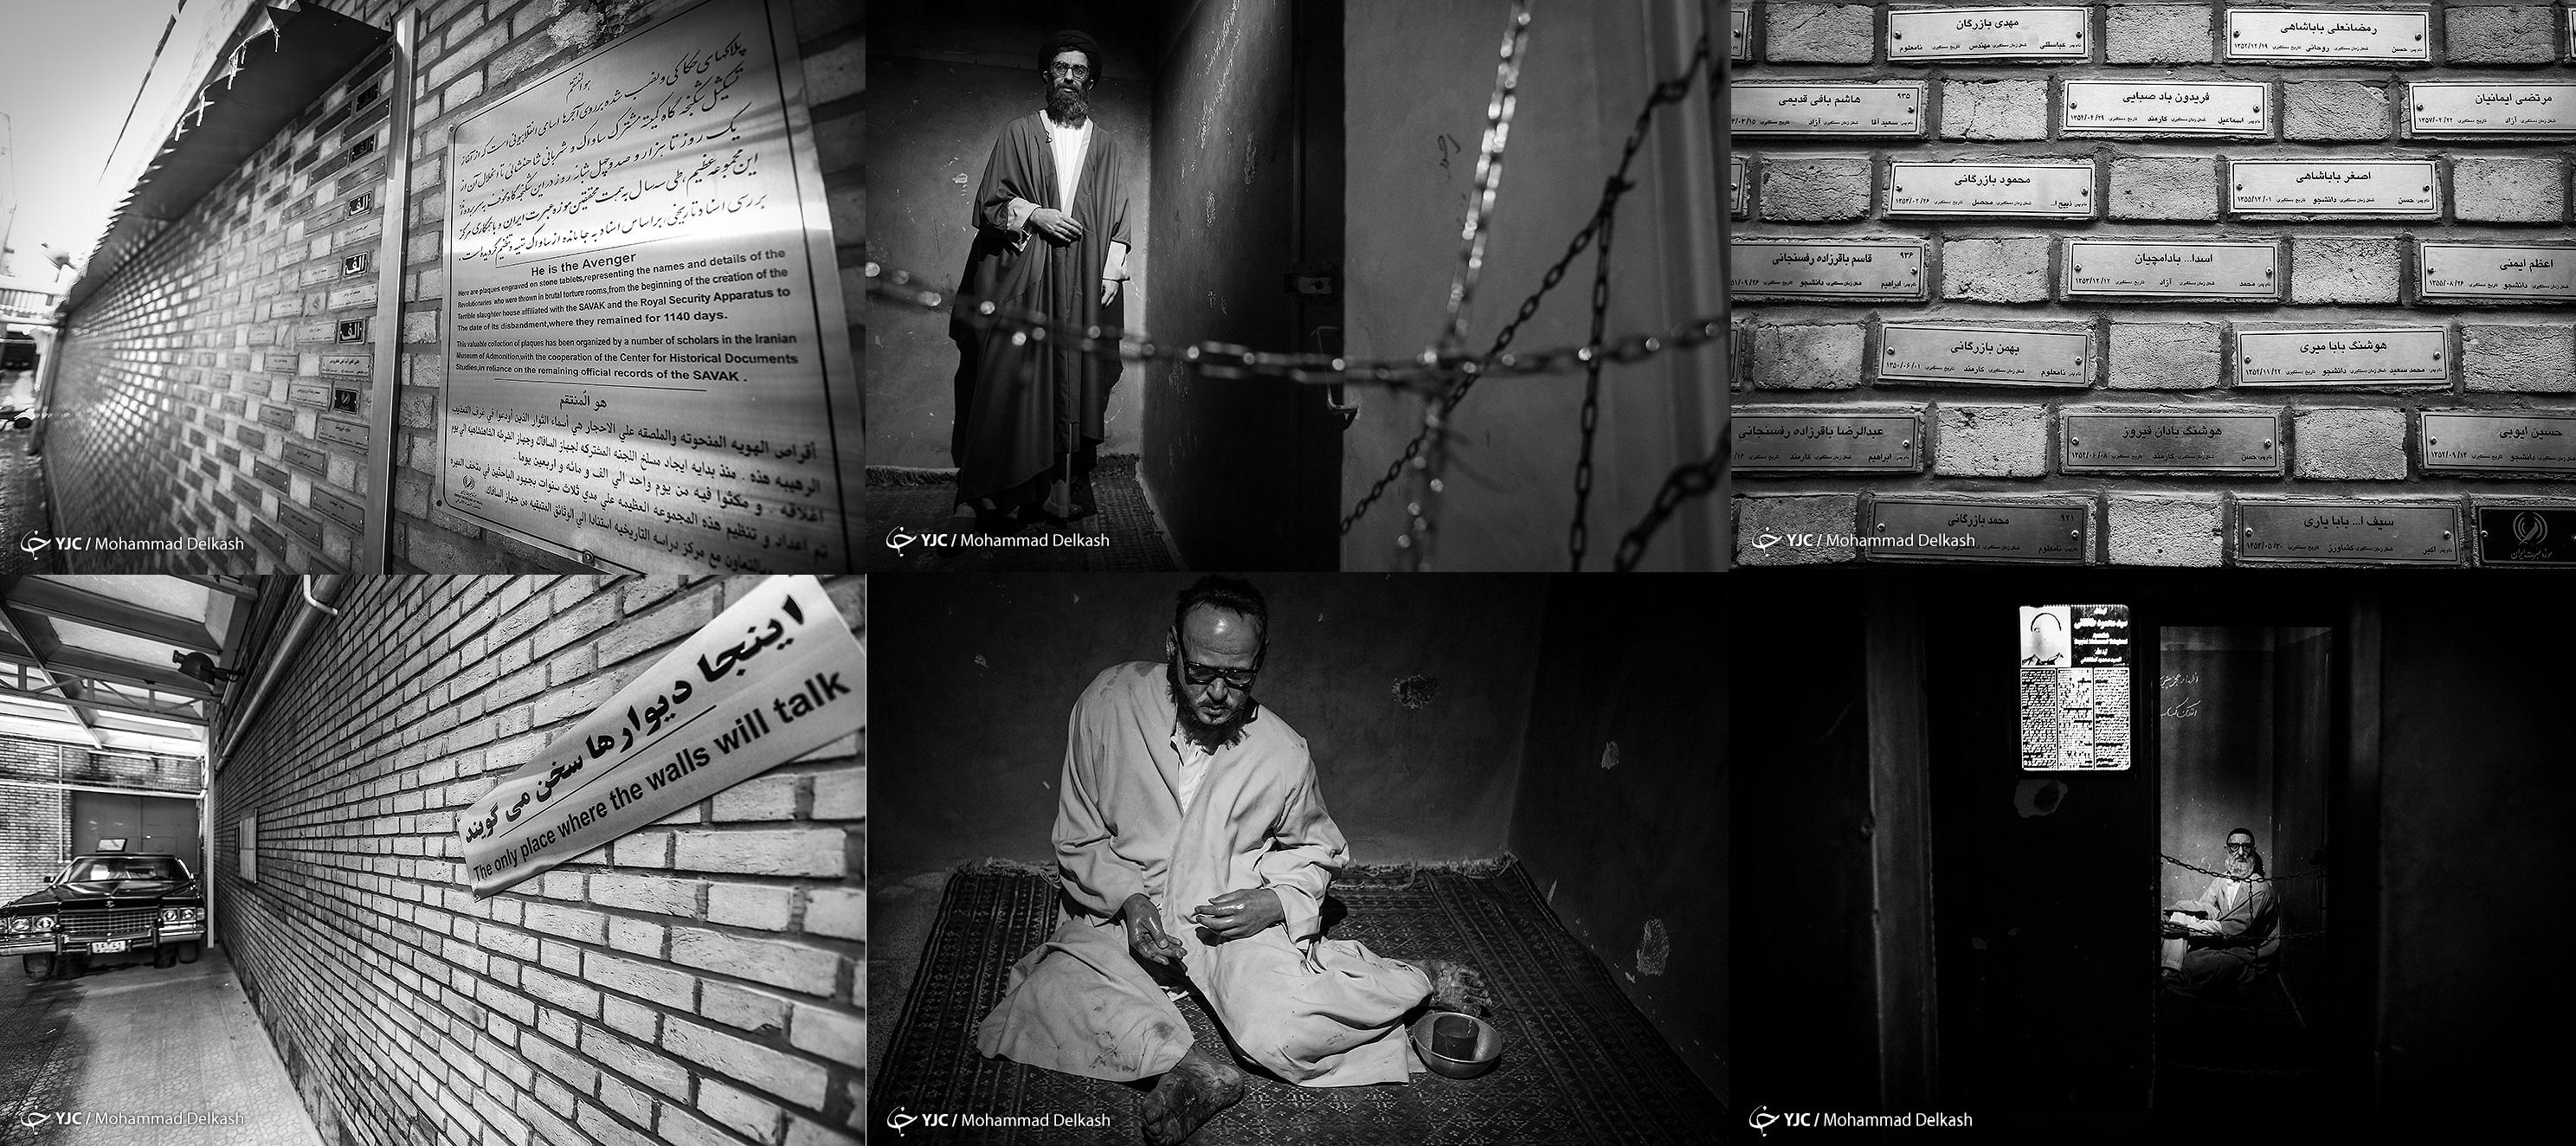 کدام موزهها راوی انقلاب اسلامی شدند؟